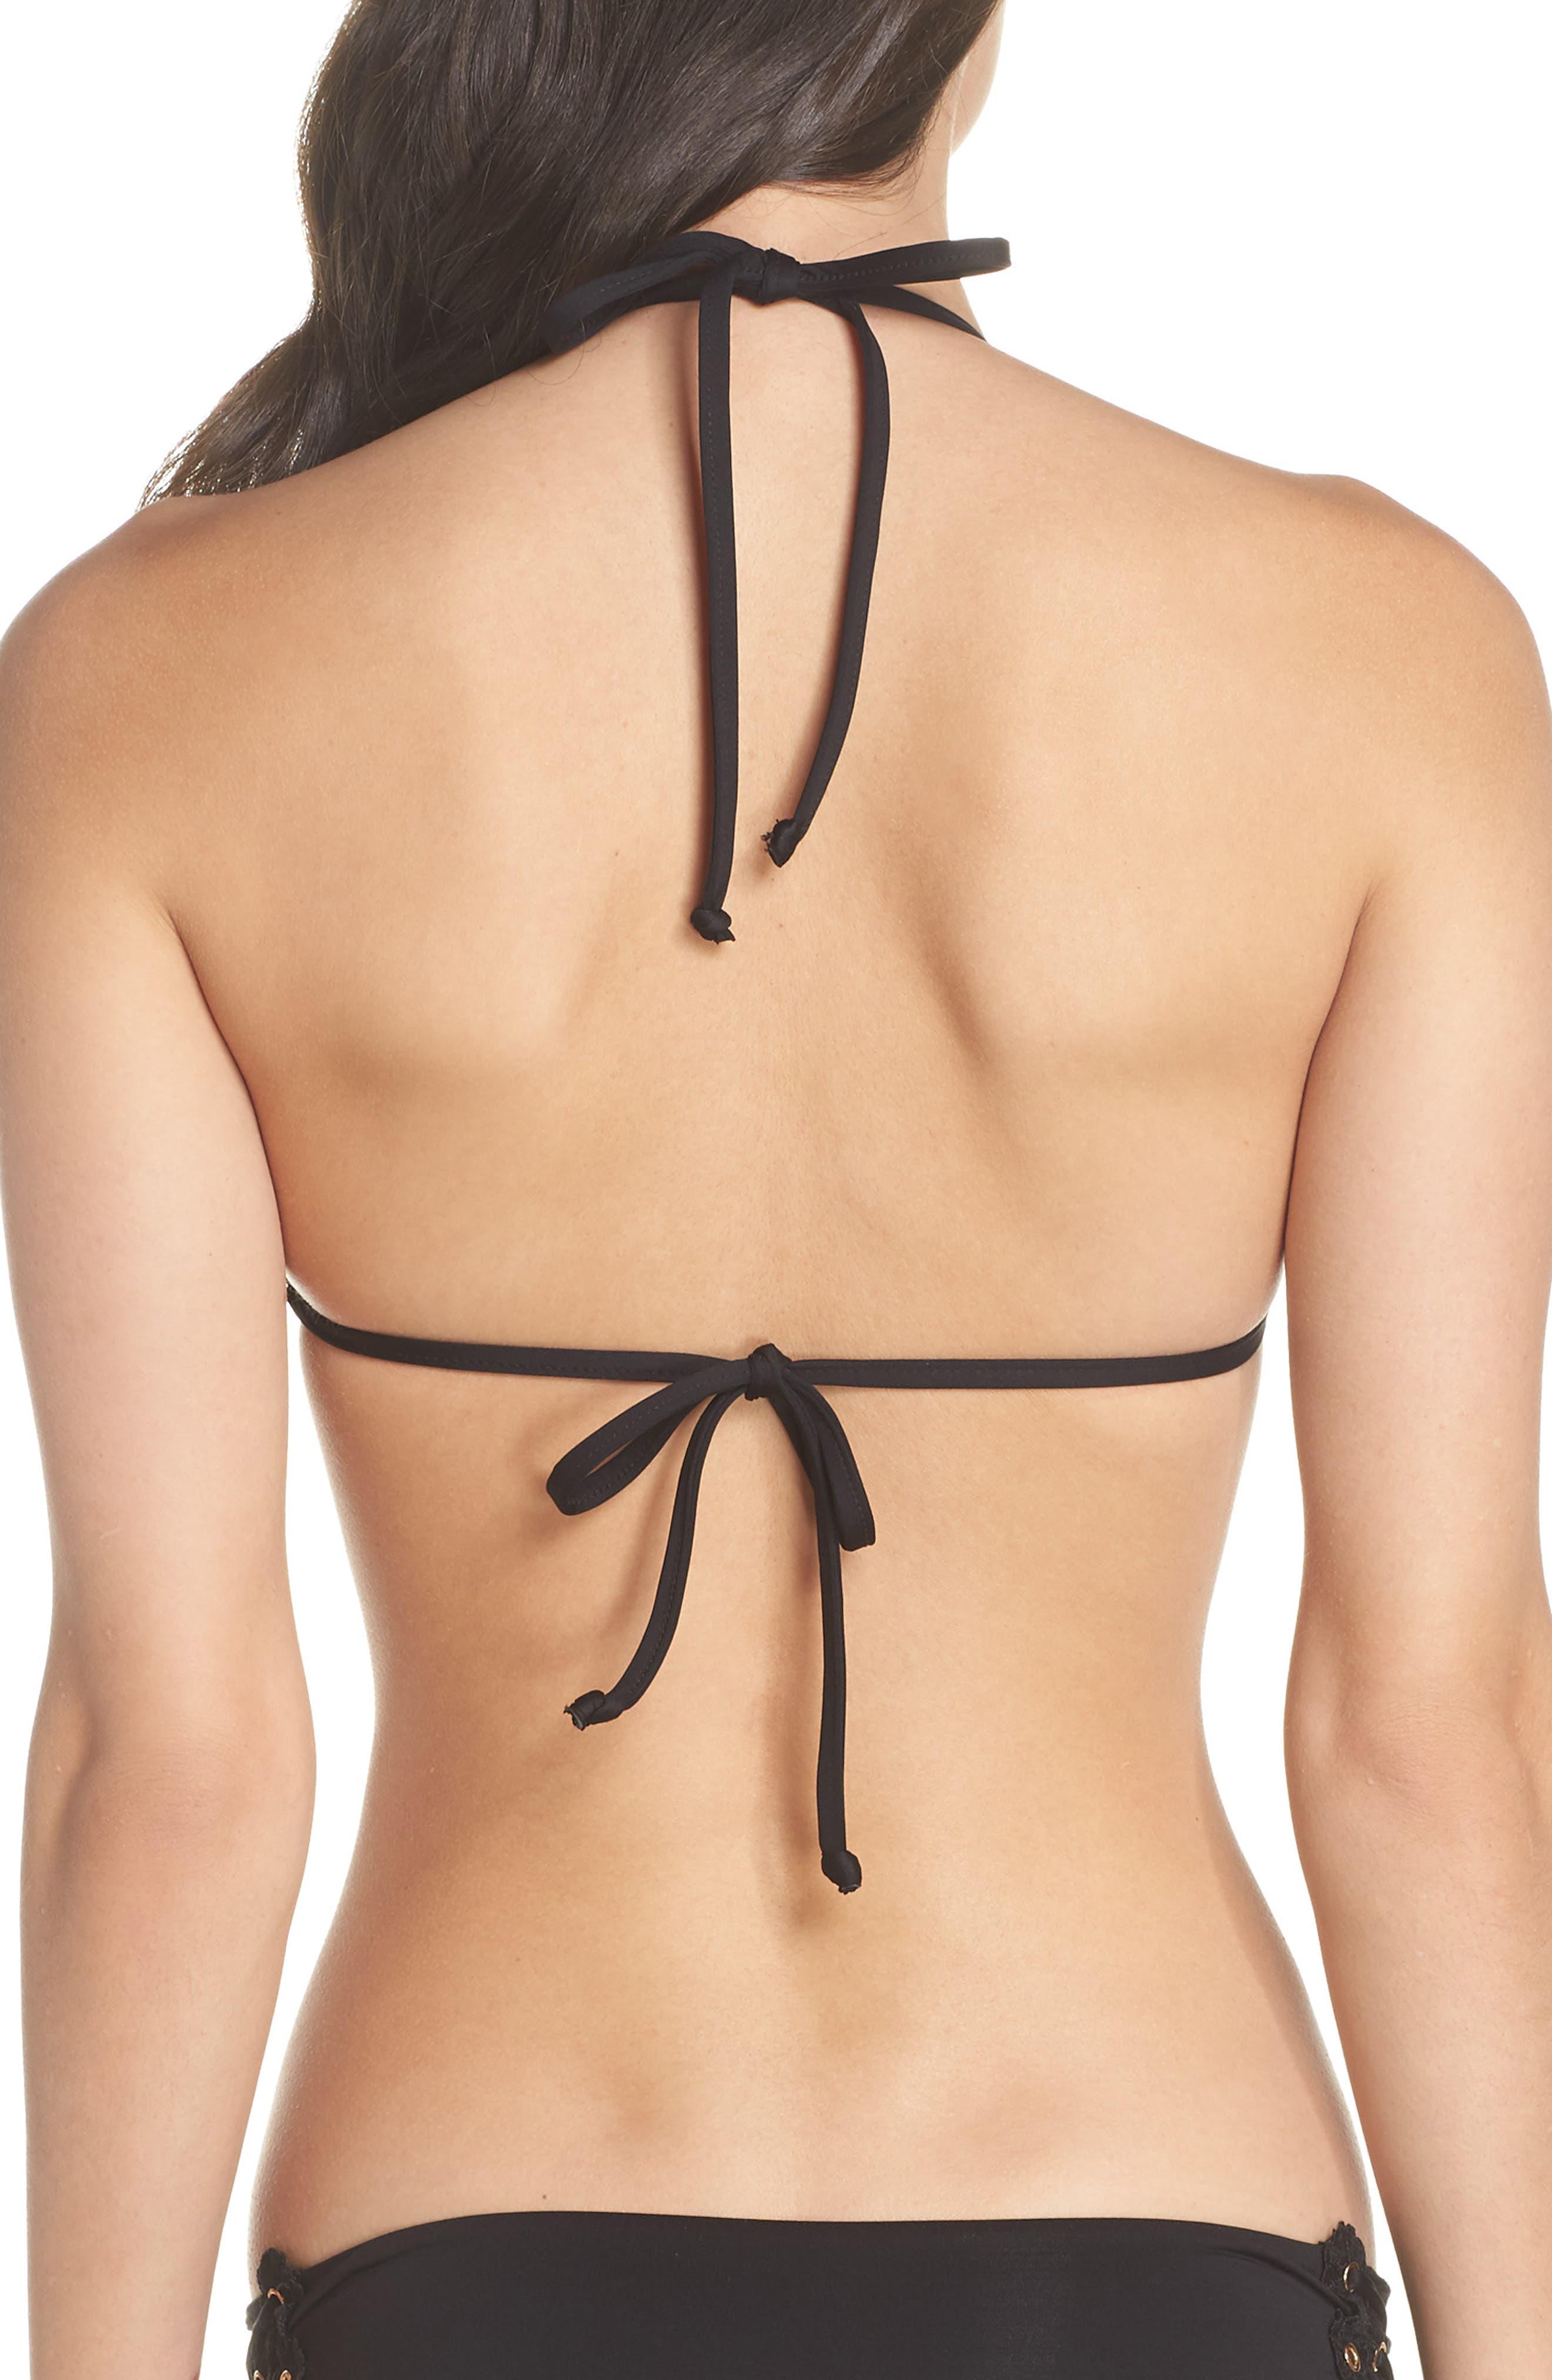 Set Sail Triangle Bikini Top,                             Alternate thumbnail 2, color,                             Black